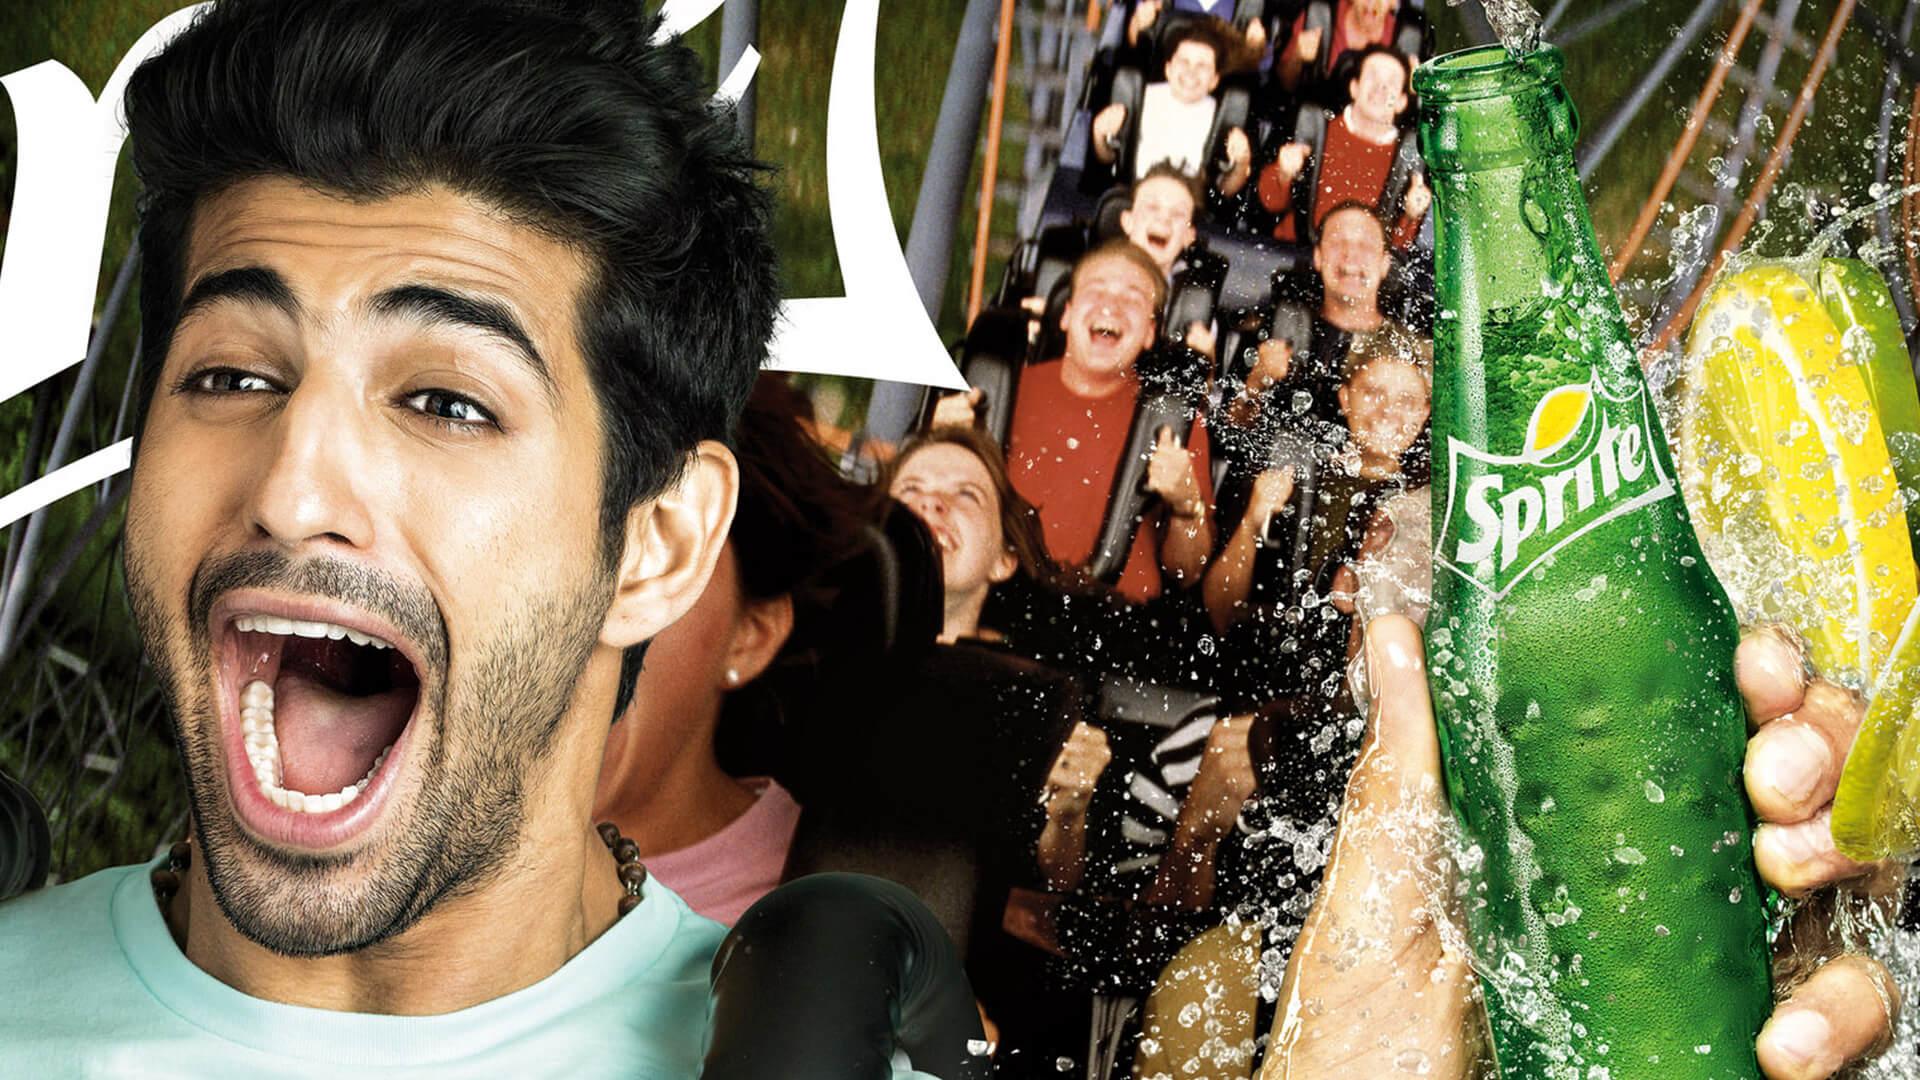 Sprite rollercoaster Advertisment